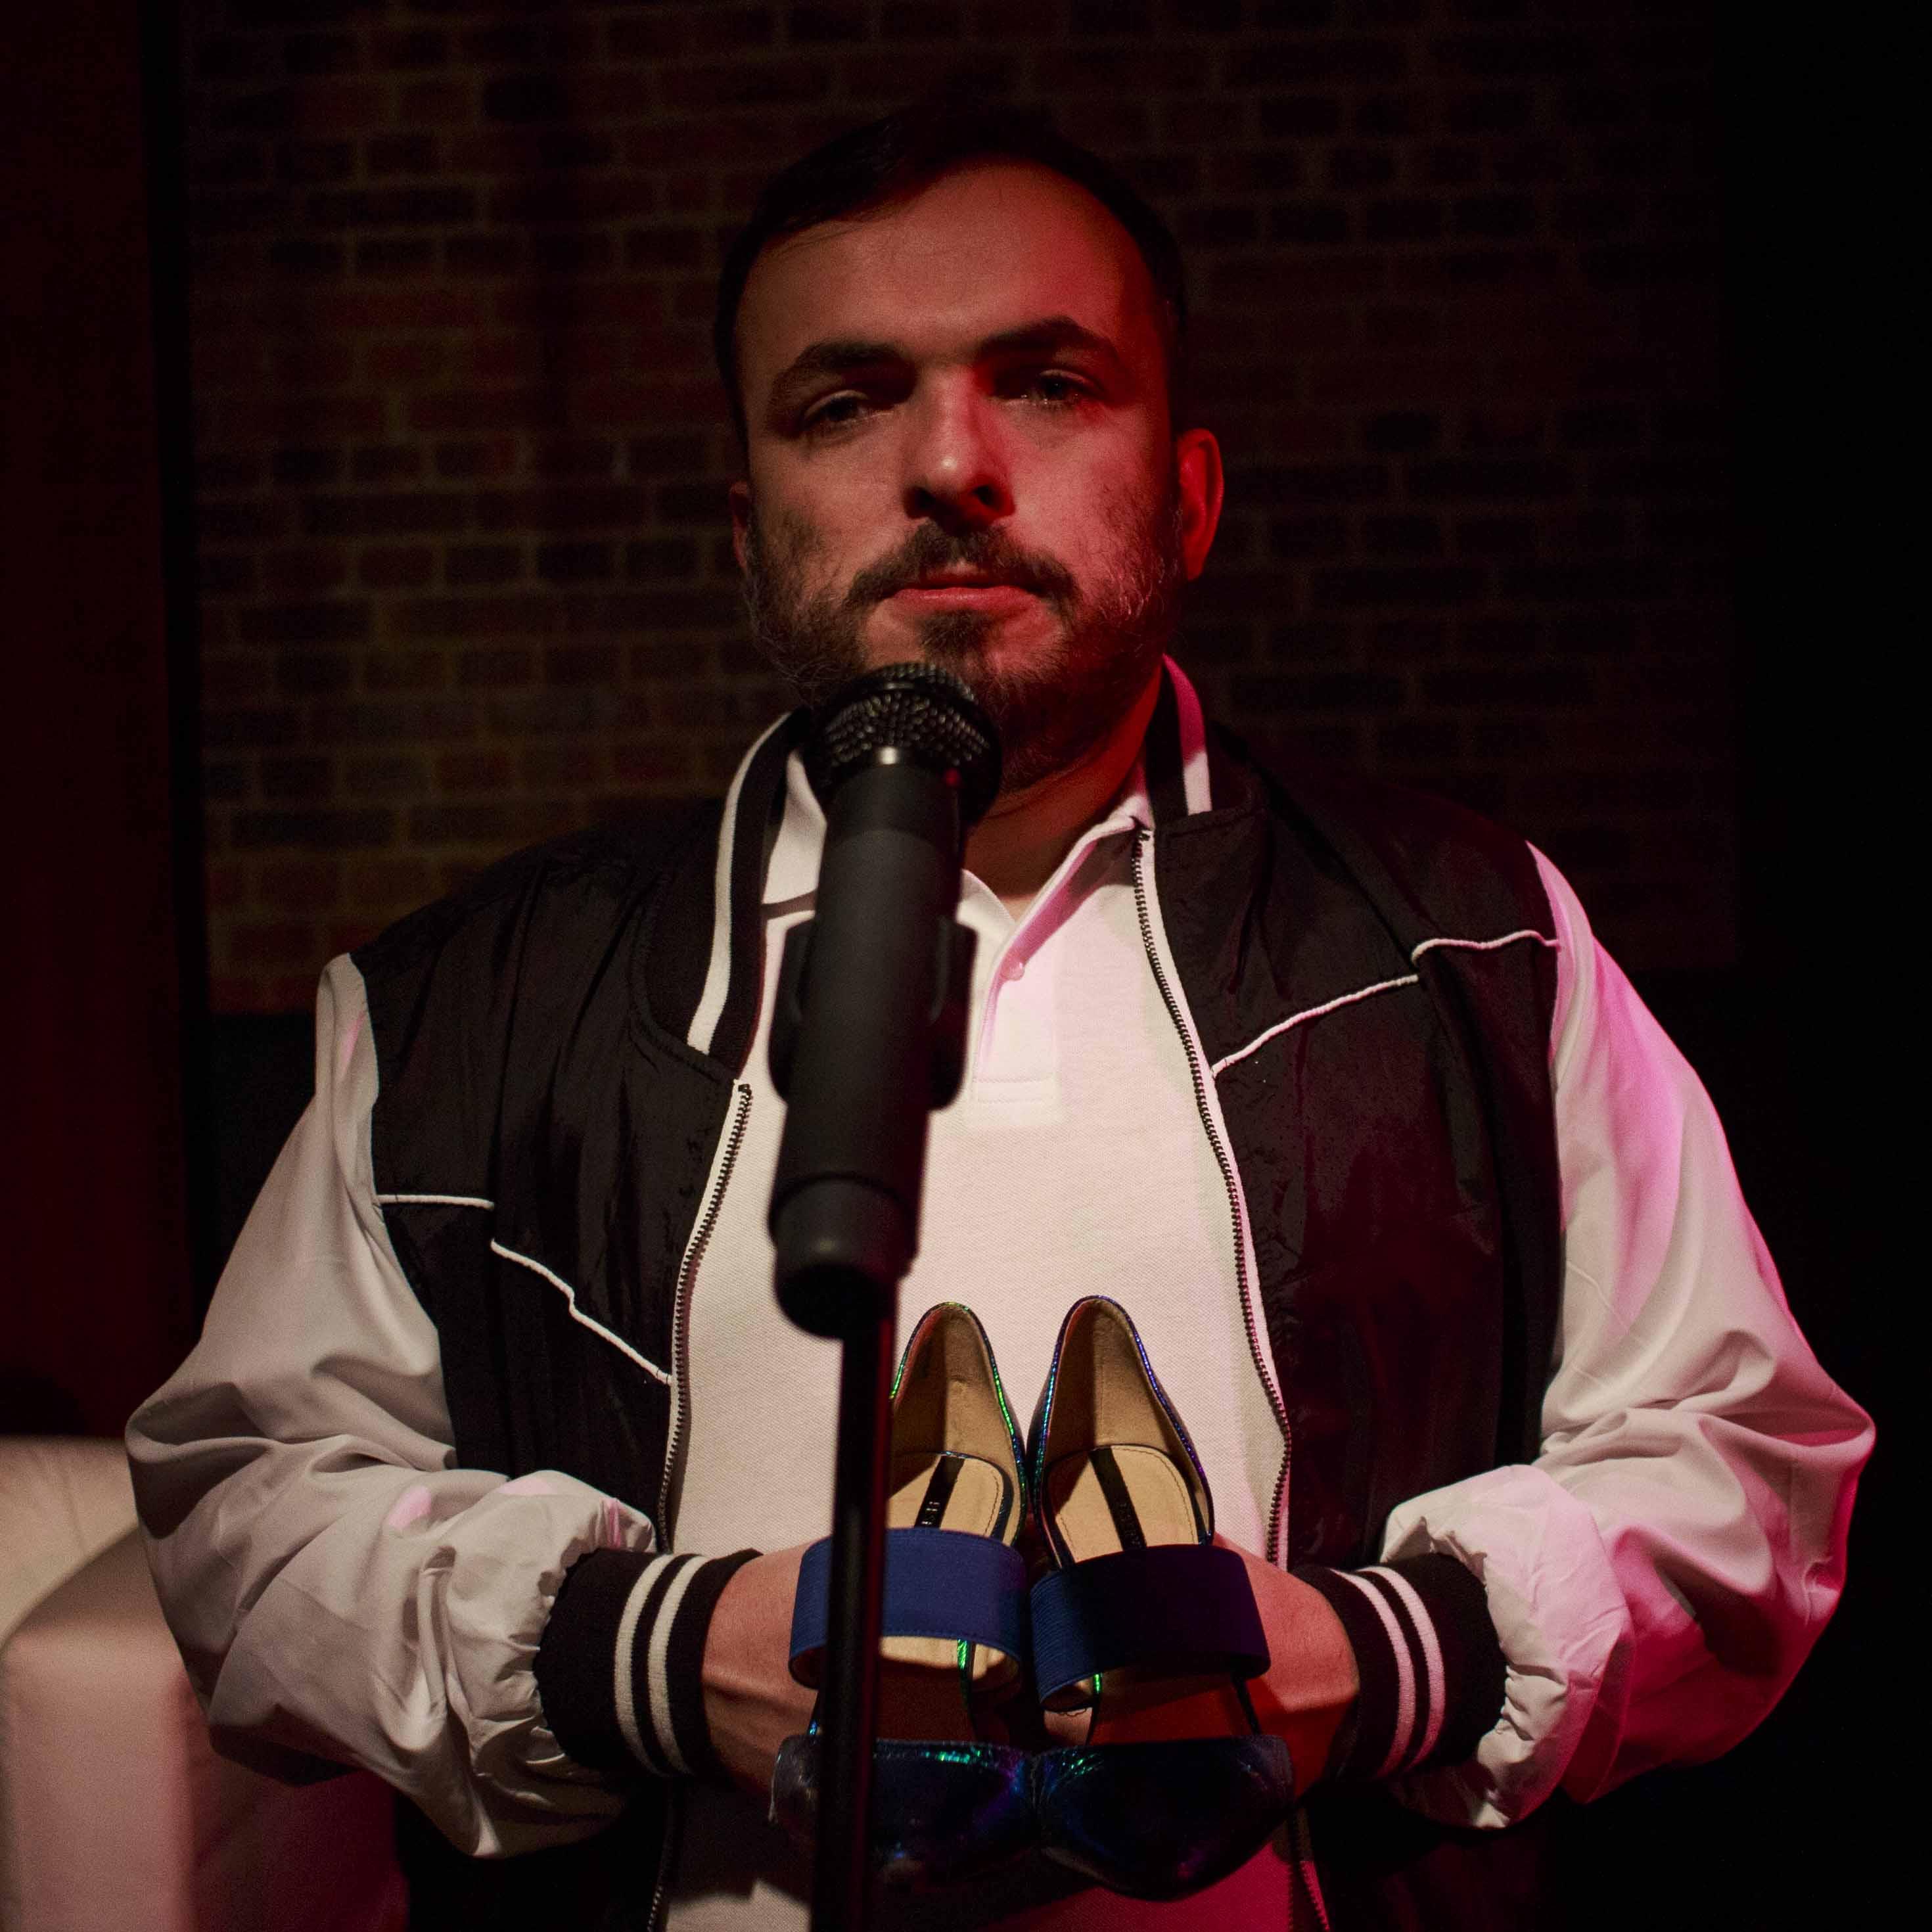 Zdjęcie do spektaklu Dobroć nasza dobroć. Aktor stoi przy mikrofonie. Trzyma w rękach damskie buty.